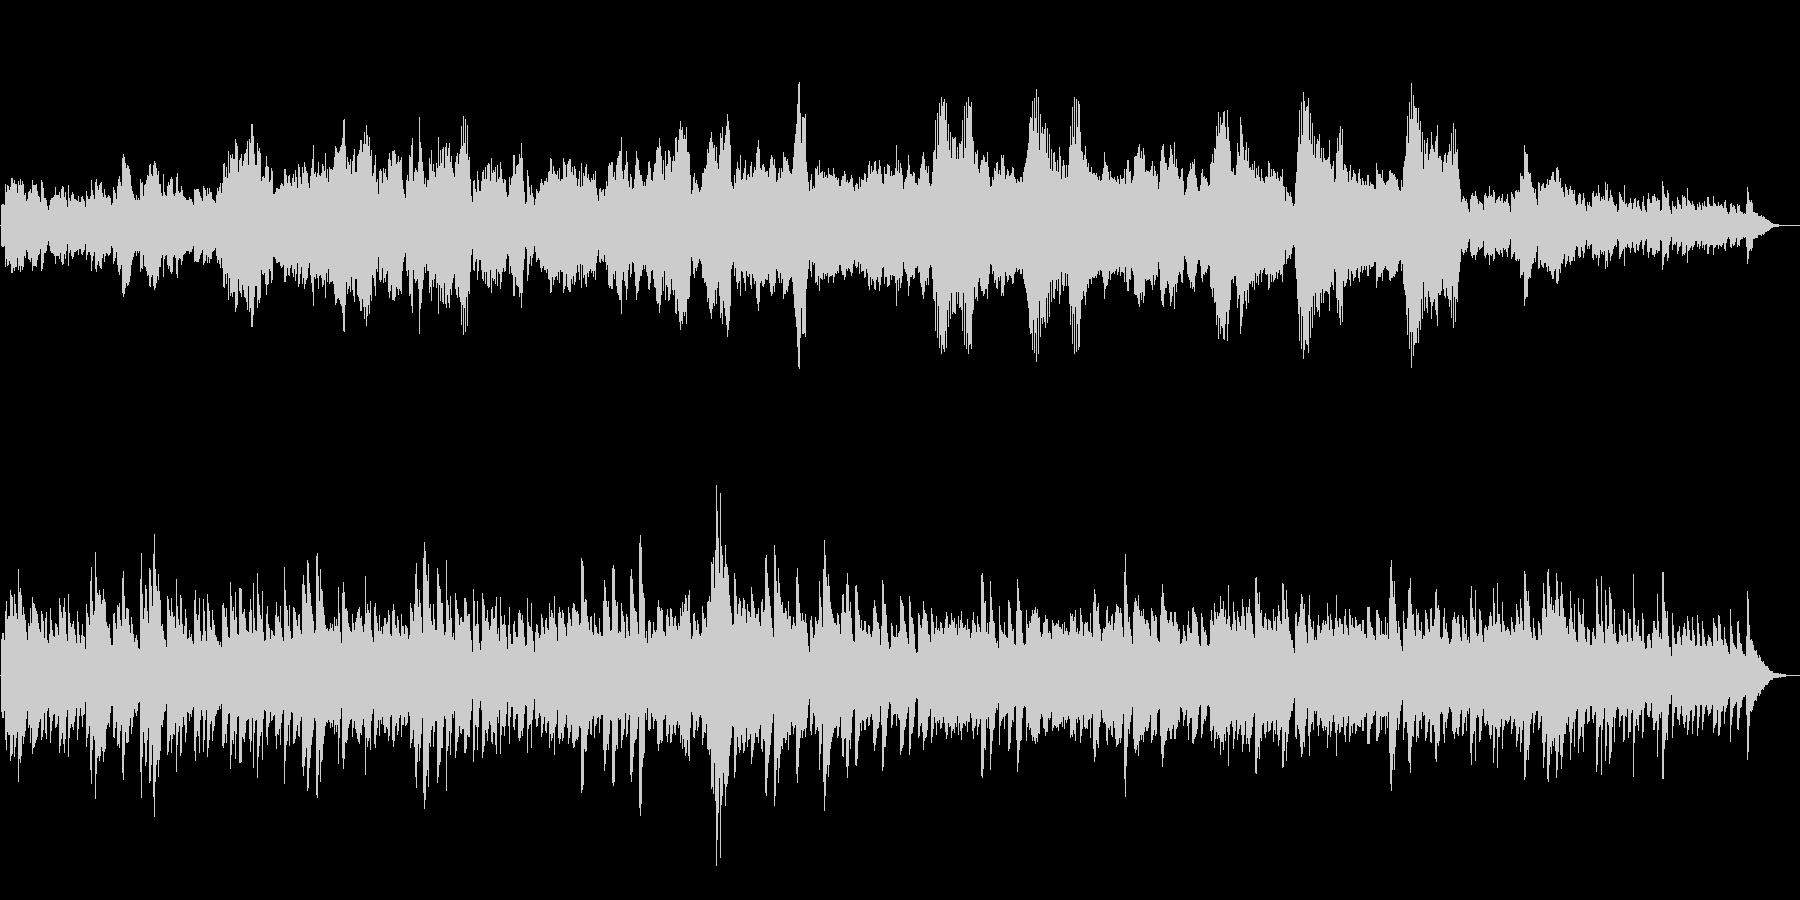 アベマリア ピアノとバイオリンのアレンジの未再生の波形